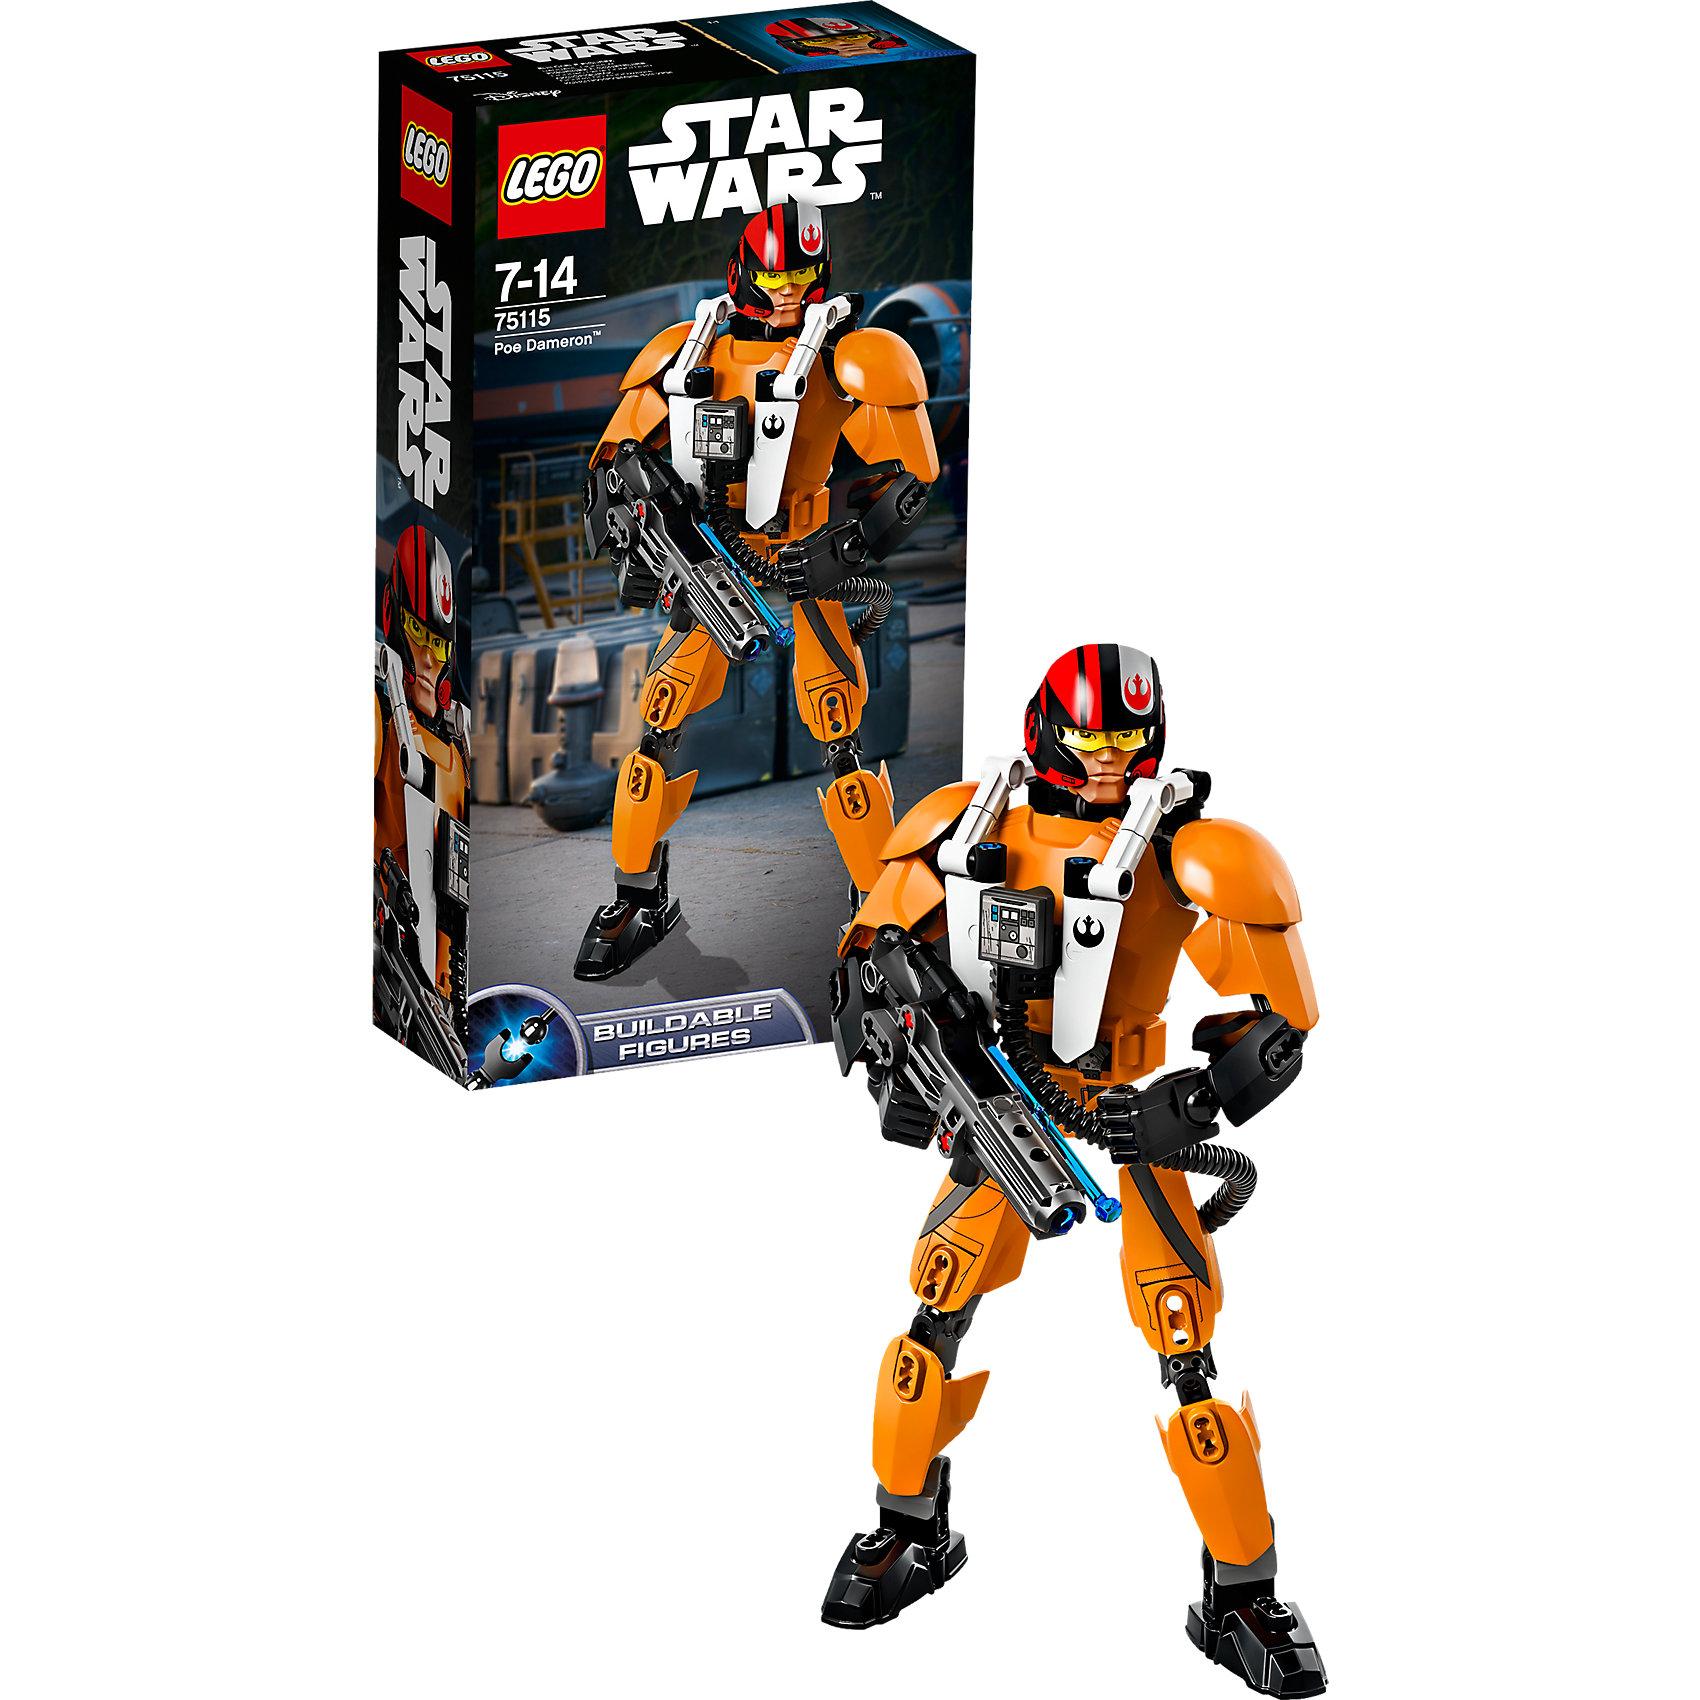 LEGO LEGO Star Wars 75115: По Дамерон лего звездные войны 2014 наборы купить